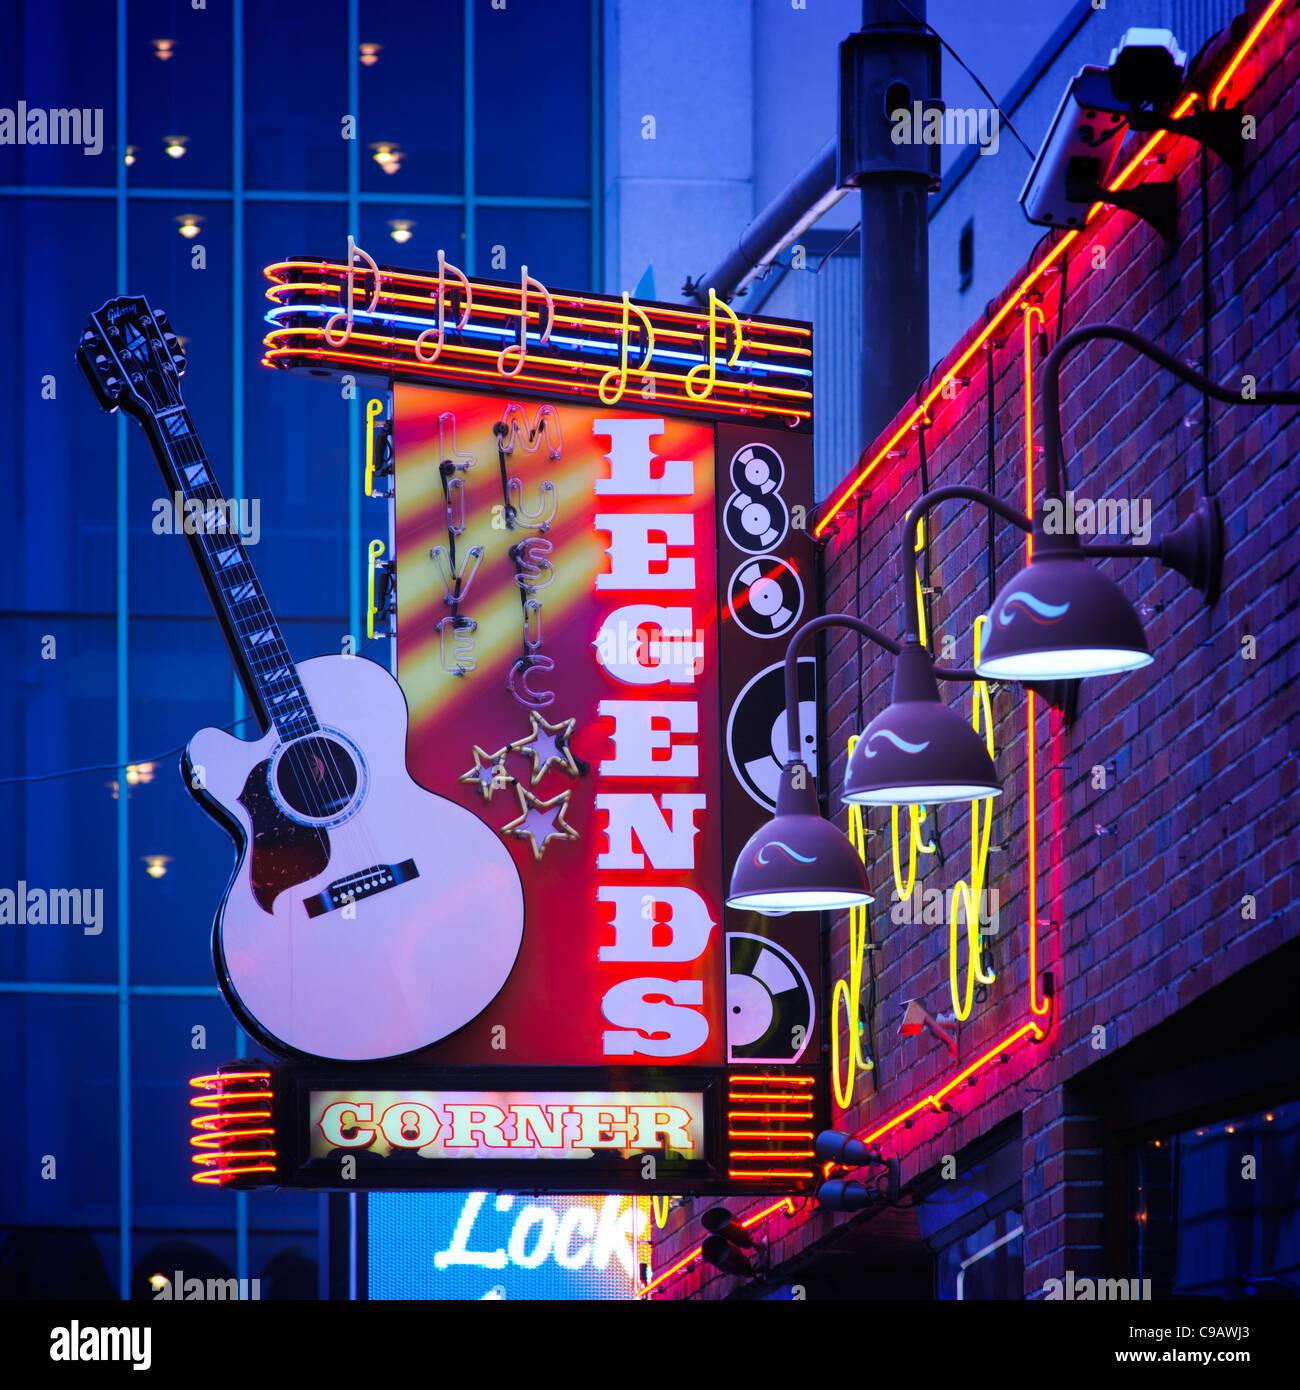 Legends Corner Live music venue Lower Broadway Nashville - Stock Image